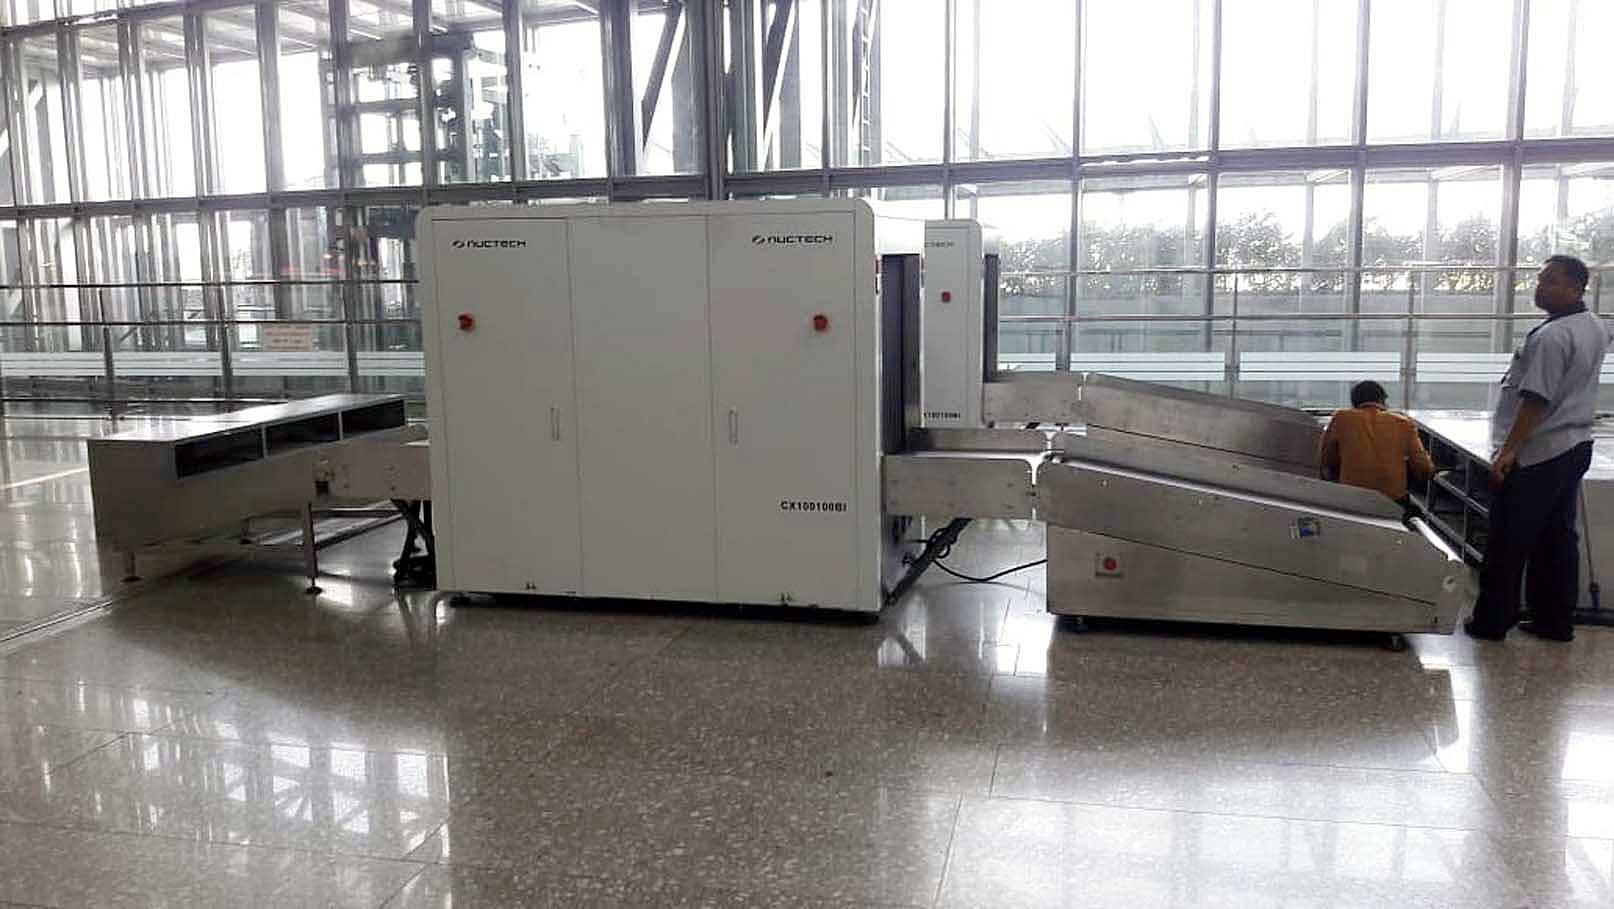 A standalone X-ray machine